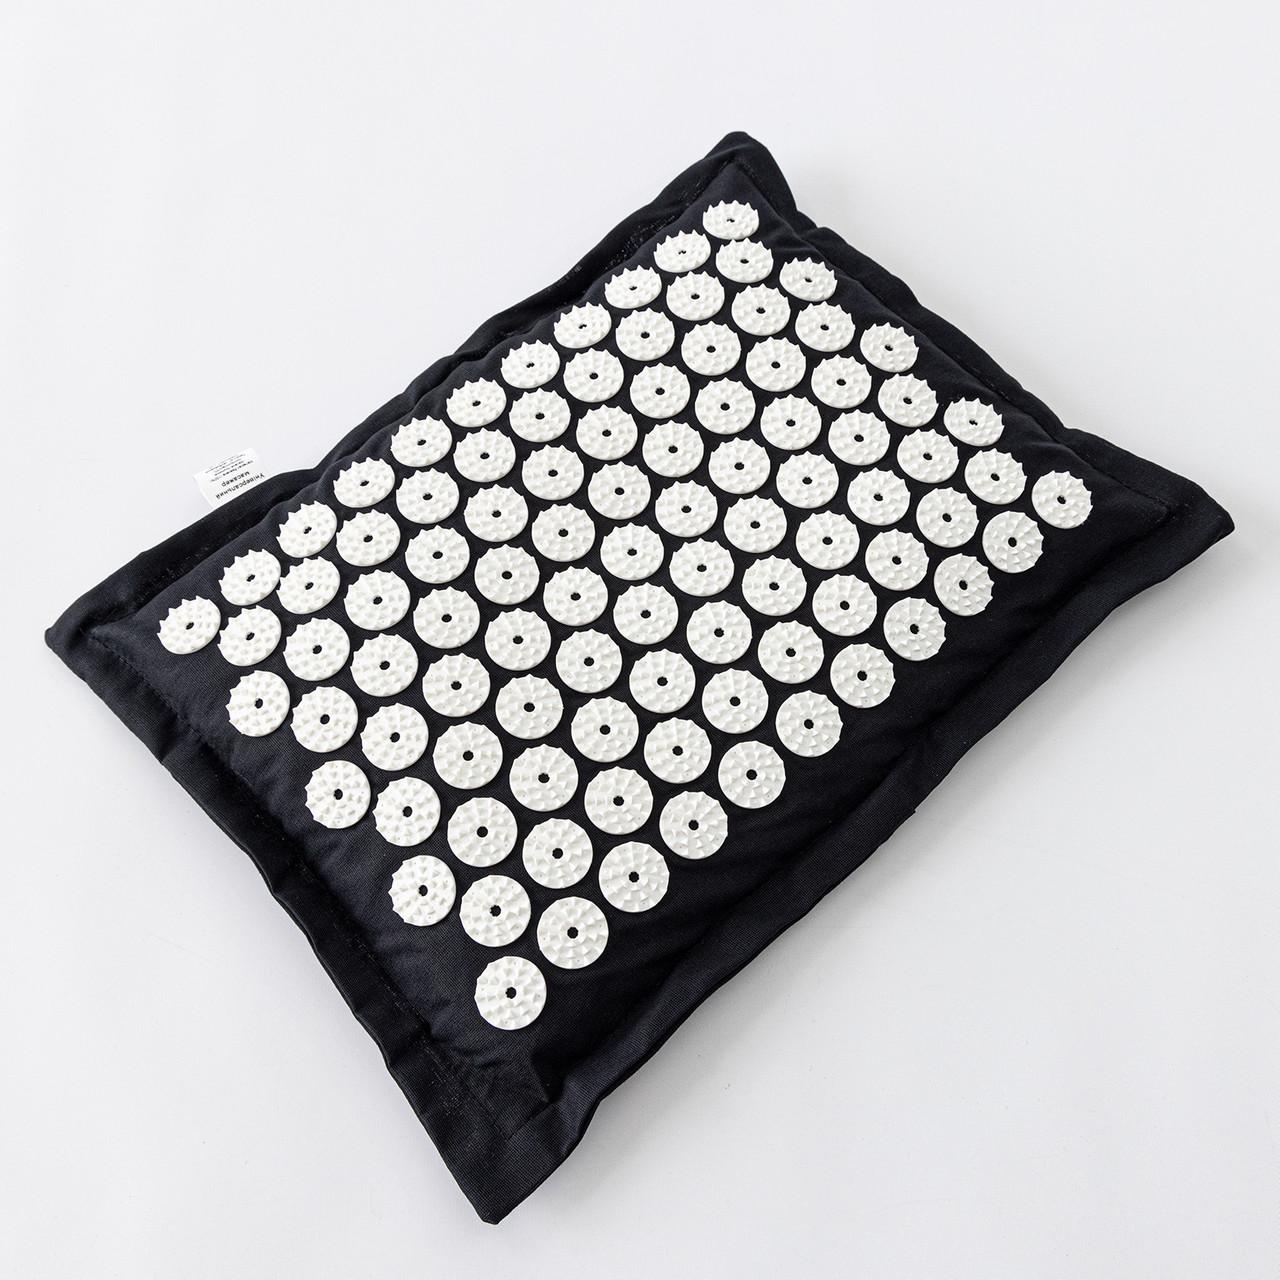 Подушка массажная акупунктурная (аппликатор Кузнецова) массажер для головы/шеи/спины OSPORT Premium (apl-017)